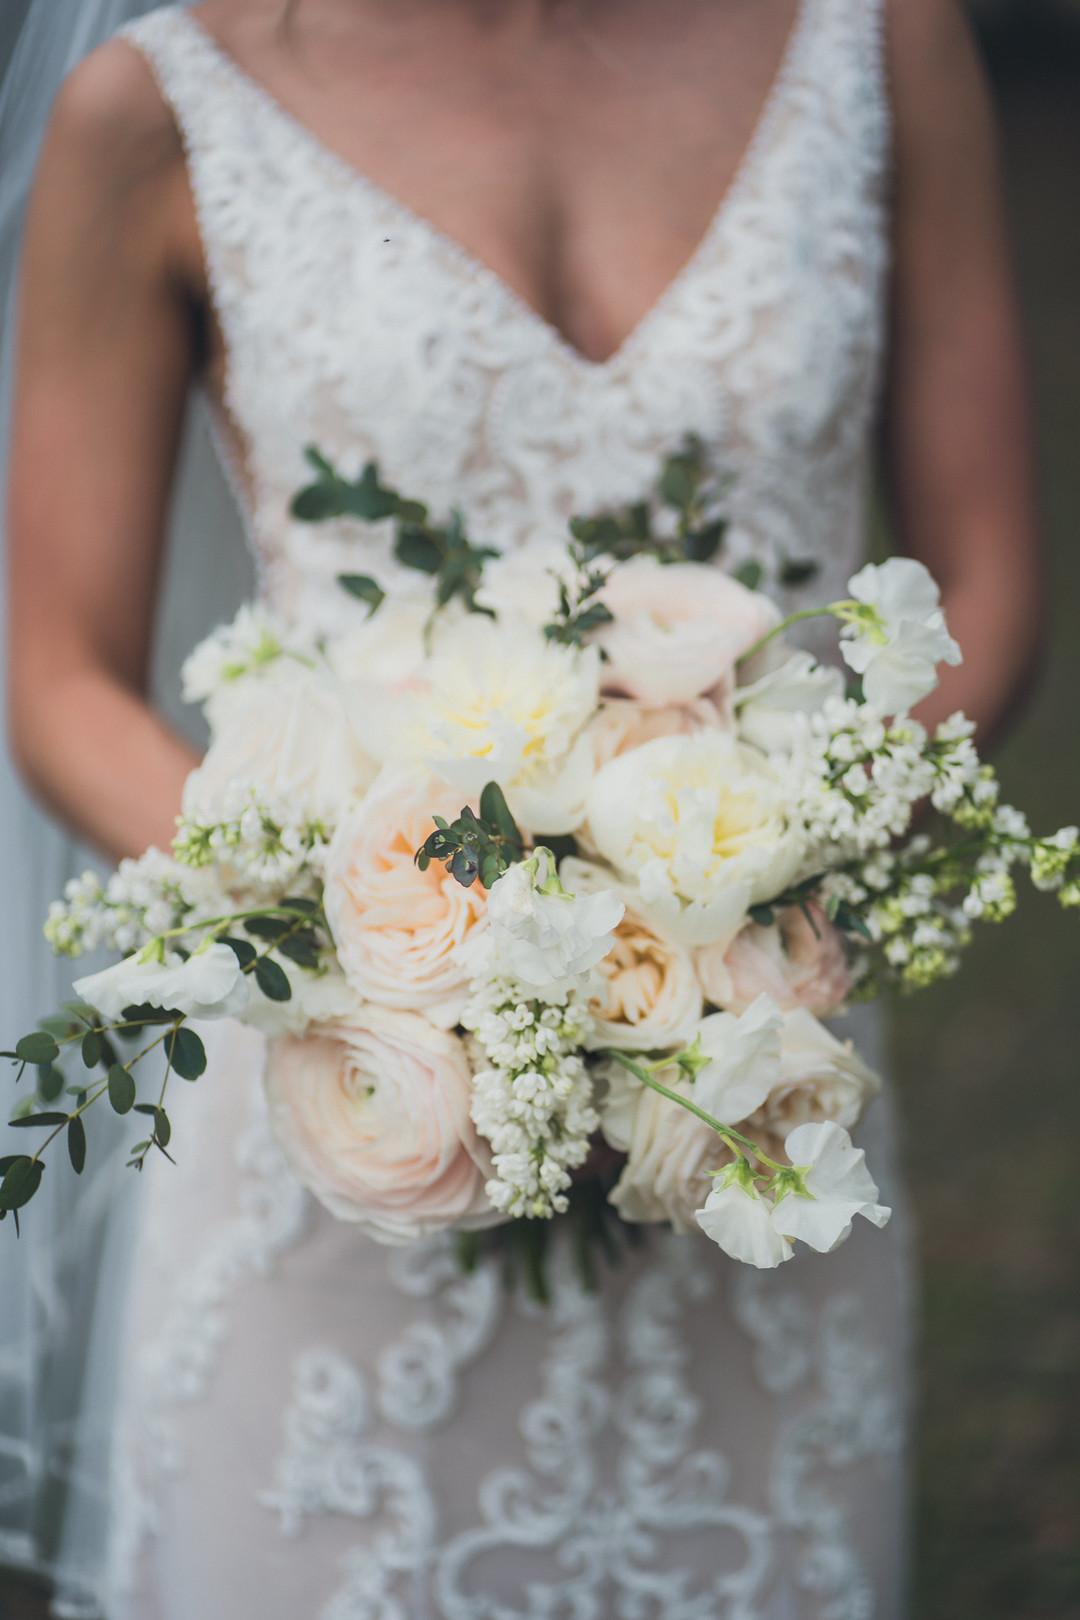 middleton-place-wedding-12.jpg